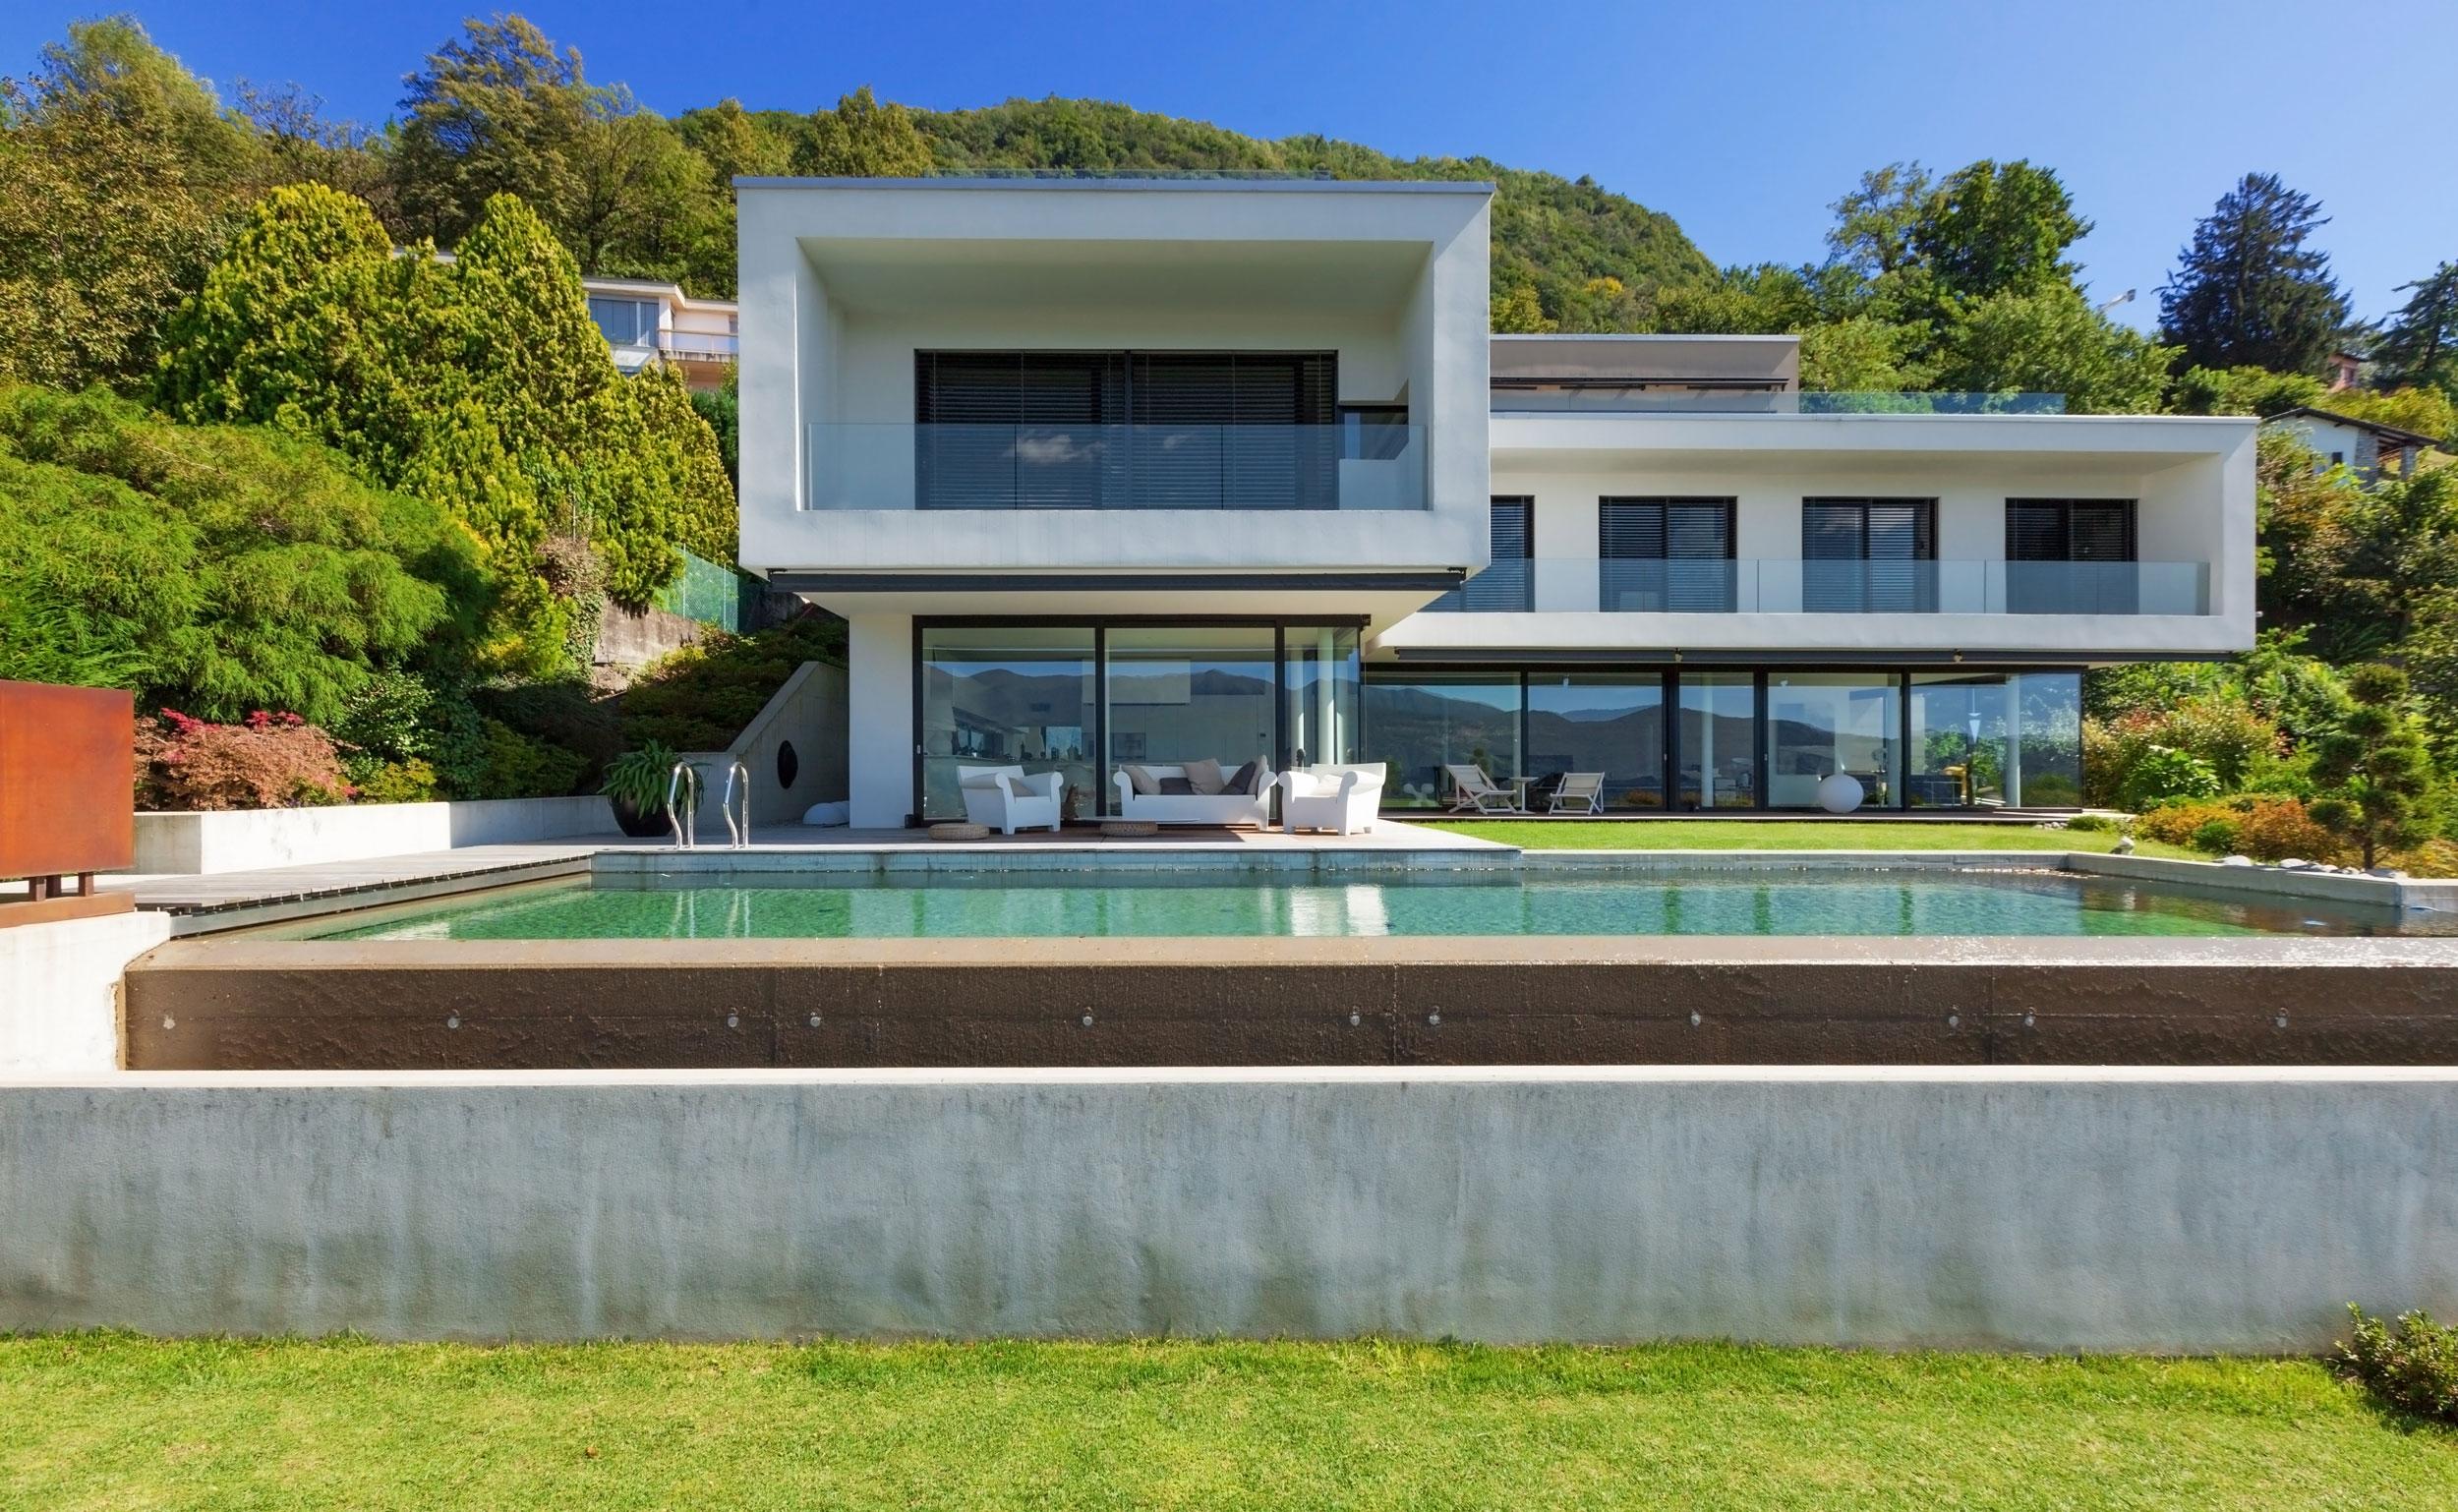 immobilien suchen exklusive luxusimmobilien der schweiz finden. Black Bedroom Furniture Sets. Home Design Ideas